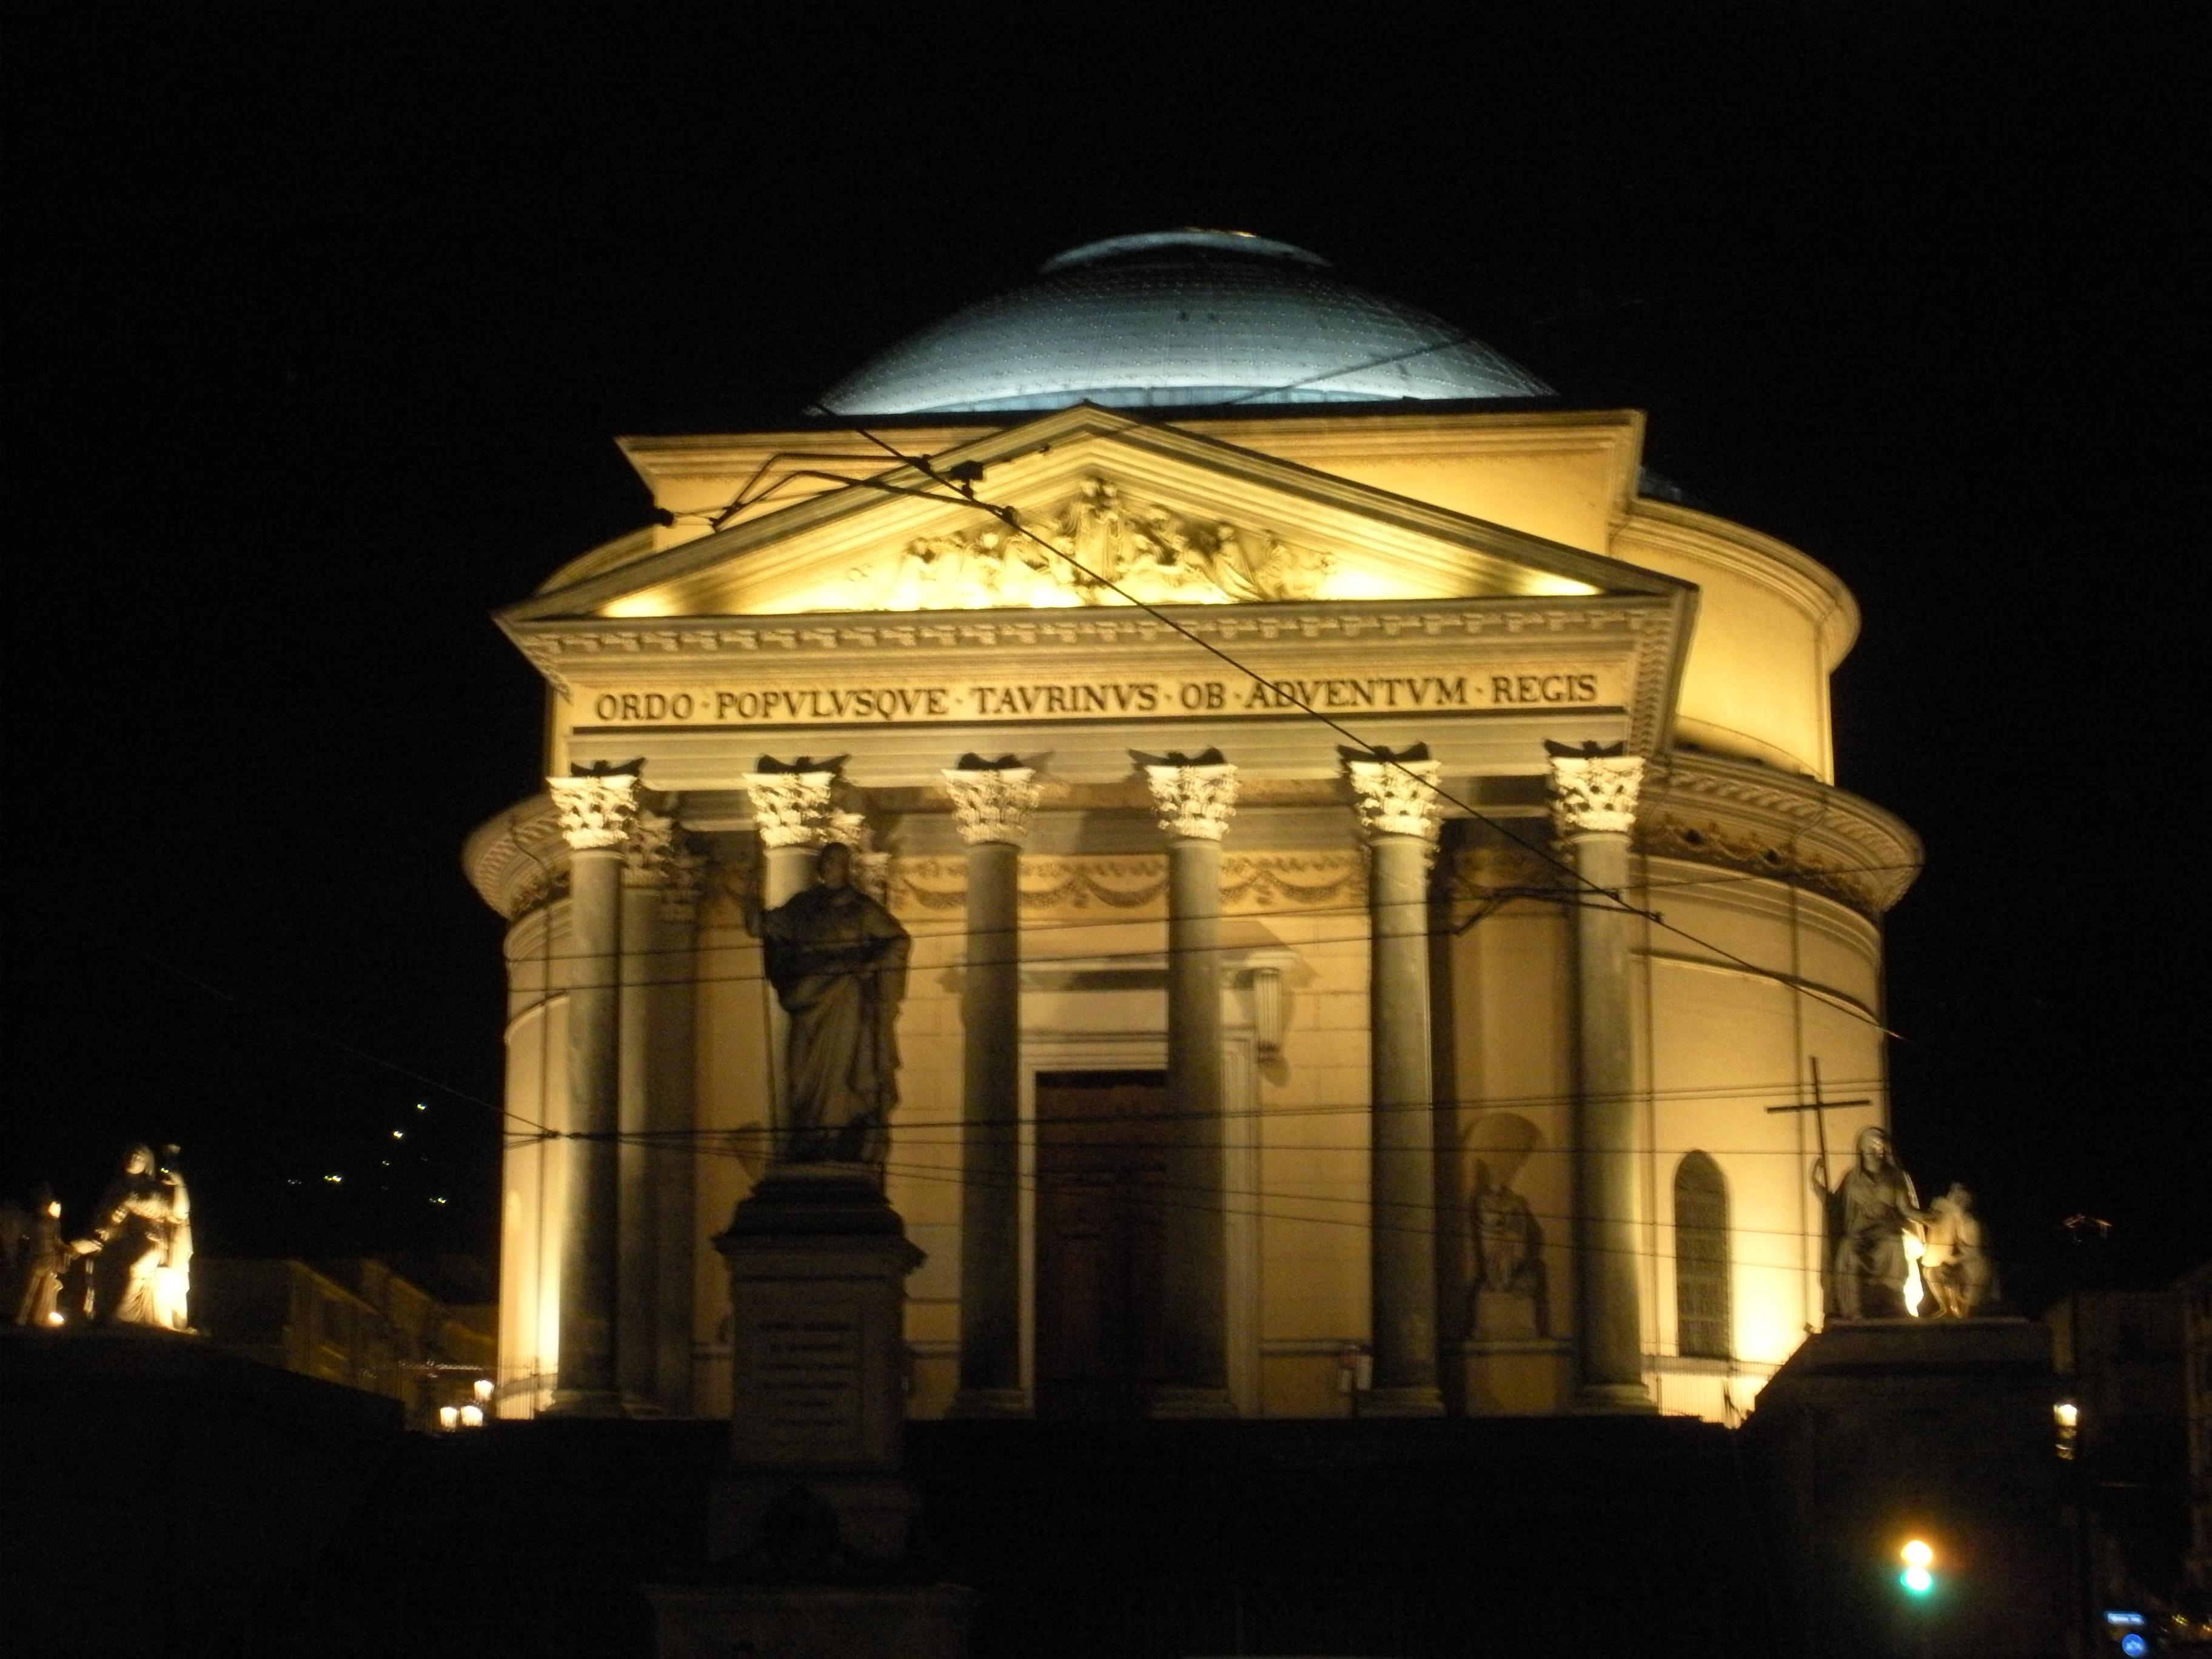 36 Torino città magica - I misteri di una città al centro della magia.